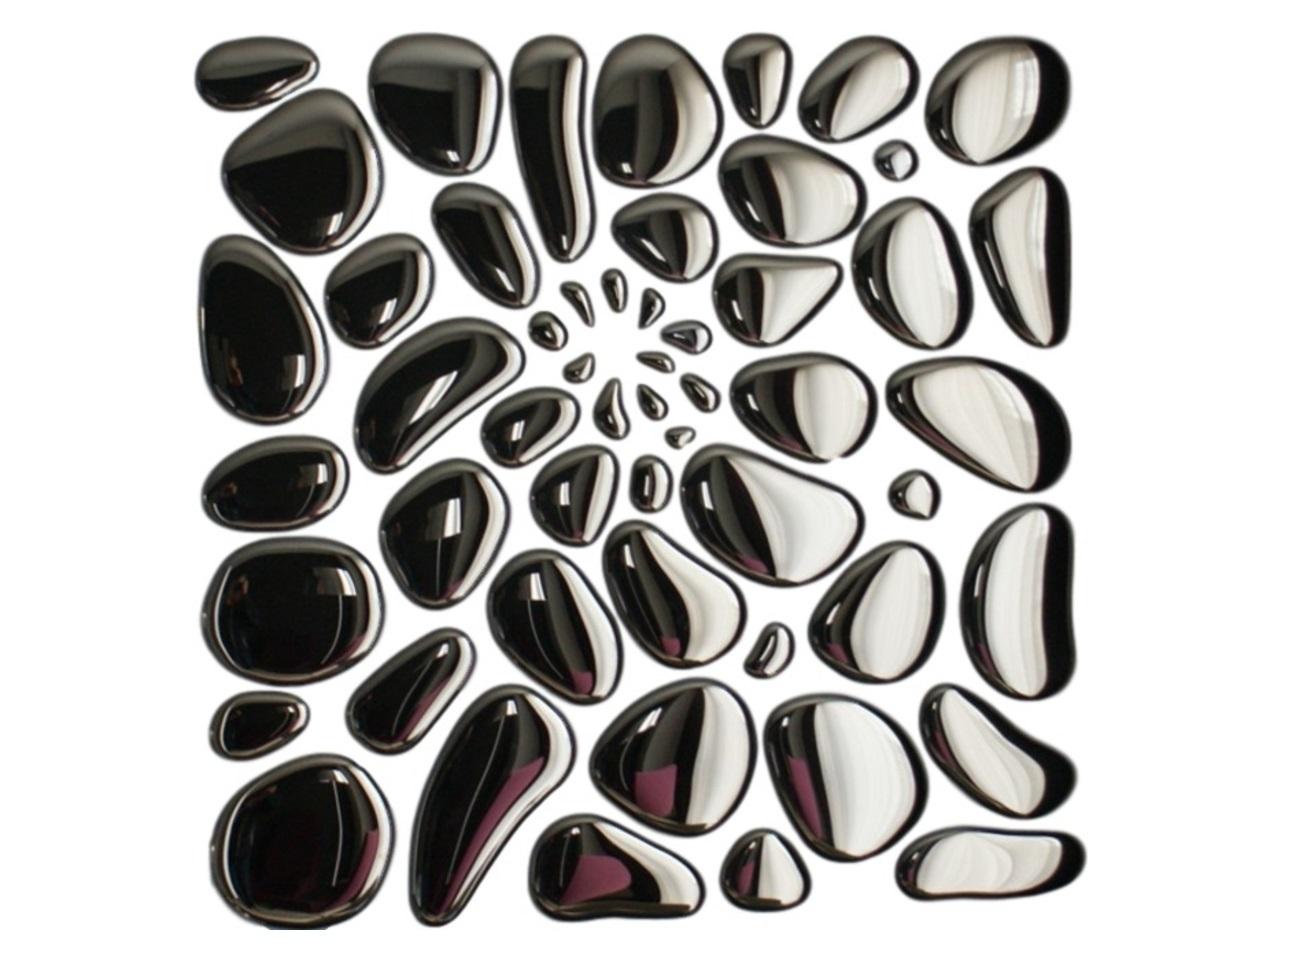 Композиция 55 капель SilverПанно<br>55 удивительных зеркальных капель, собранных в единую композицию,  превращают любое пространство в увлекательный мир иллюзий. Порой отраженное пространство на поверхности кривого зеркала намного реалистичней действительности. Возможно, именно поэтому композиция 55 Капель обладает особой таинственностью. Изделие состоит из 55 объемных зеркальных капель различной величины и формы. Вместе они образуют занимательный узор. С помощью клея, прикрепить такие капли можно на любую поверхность быстро и просто. С этой композицией интерьер просто не может быть тусклым и скучным. Клей в комплекте не идет. Есть трафарет.<br><br>Material: Стекло<br>Width см: 105<br>Depth см: 1<br>Height см: 105